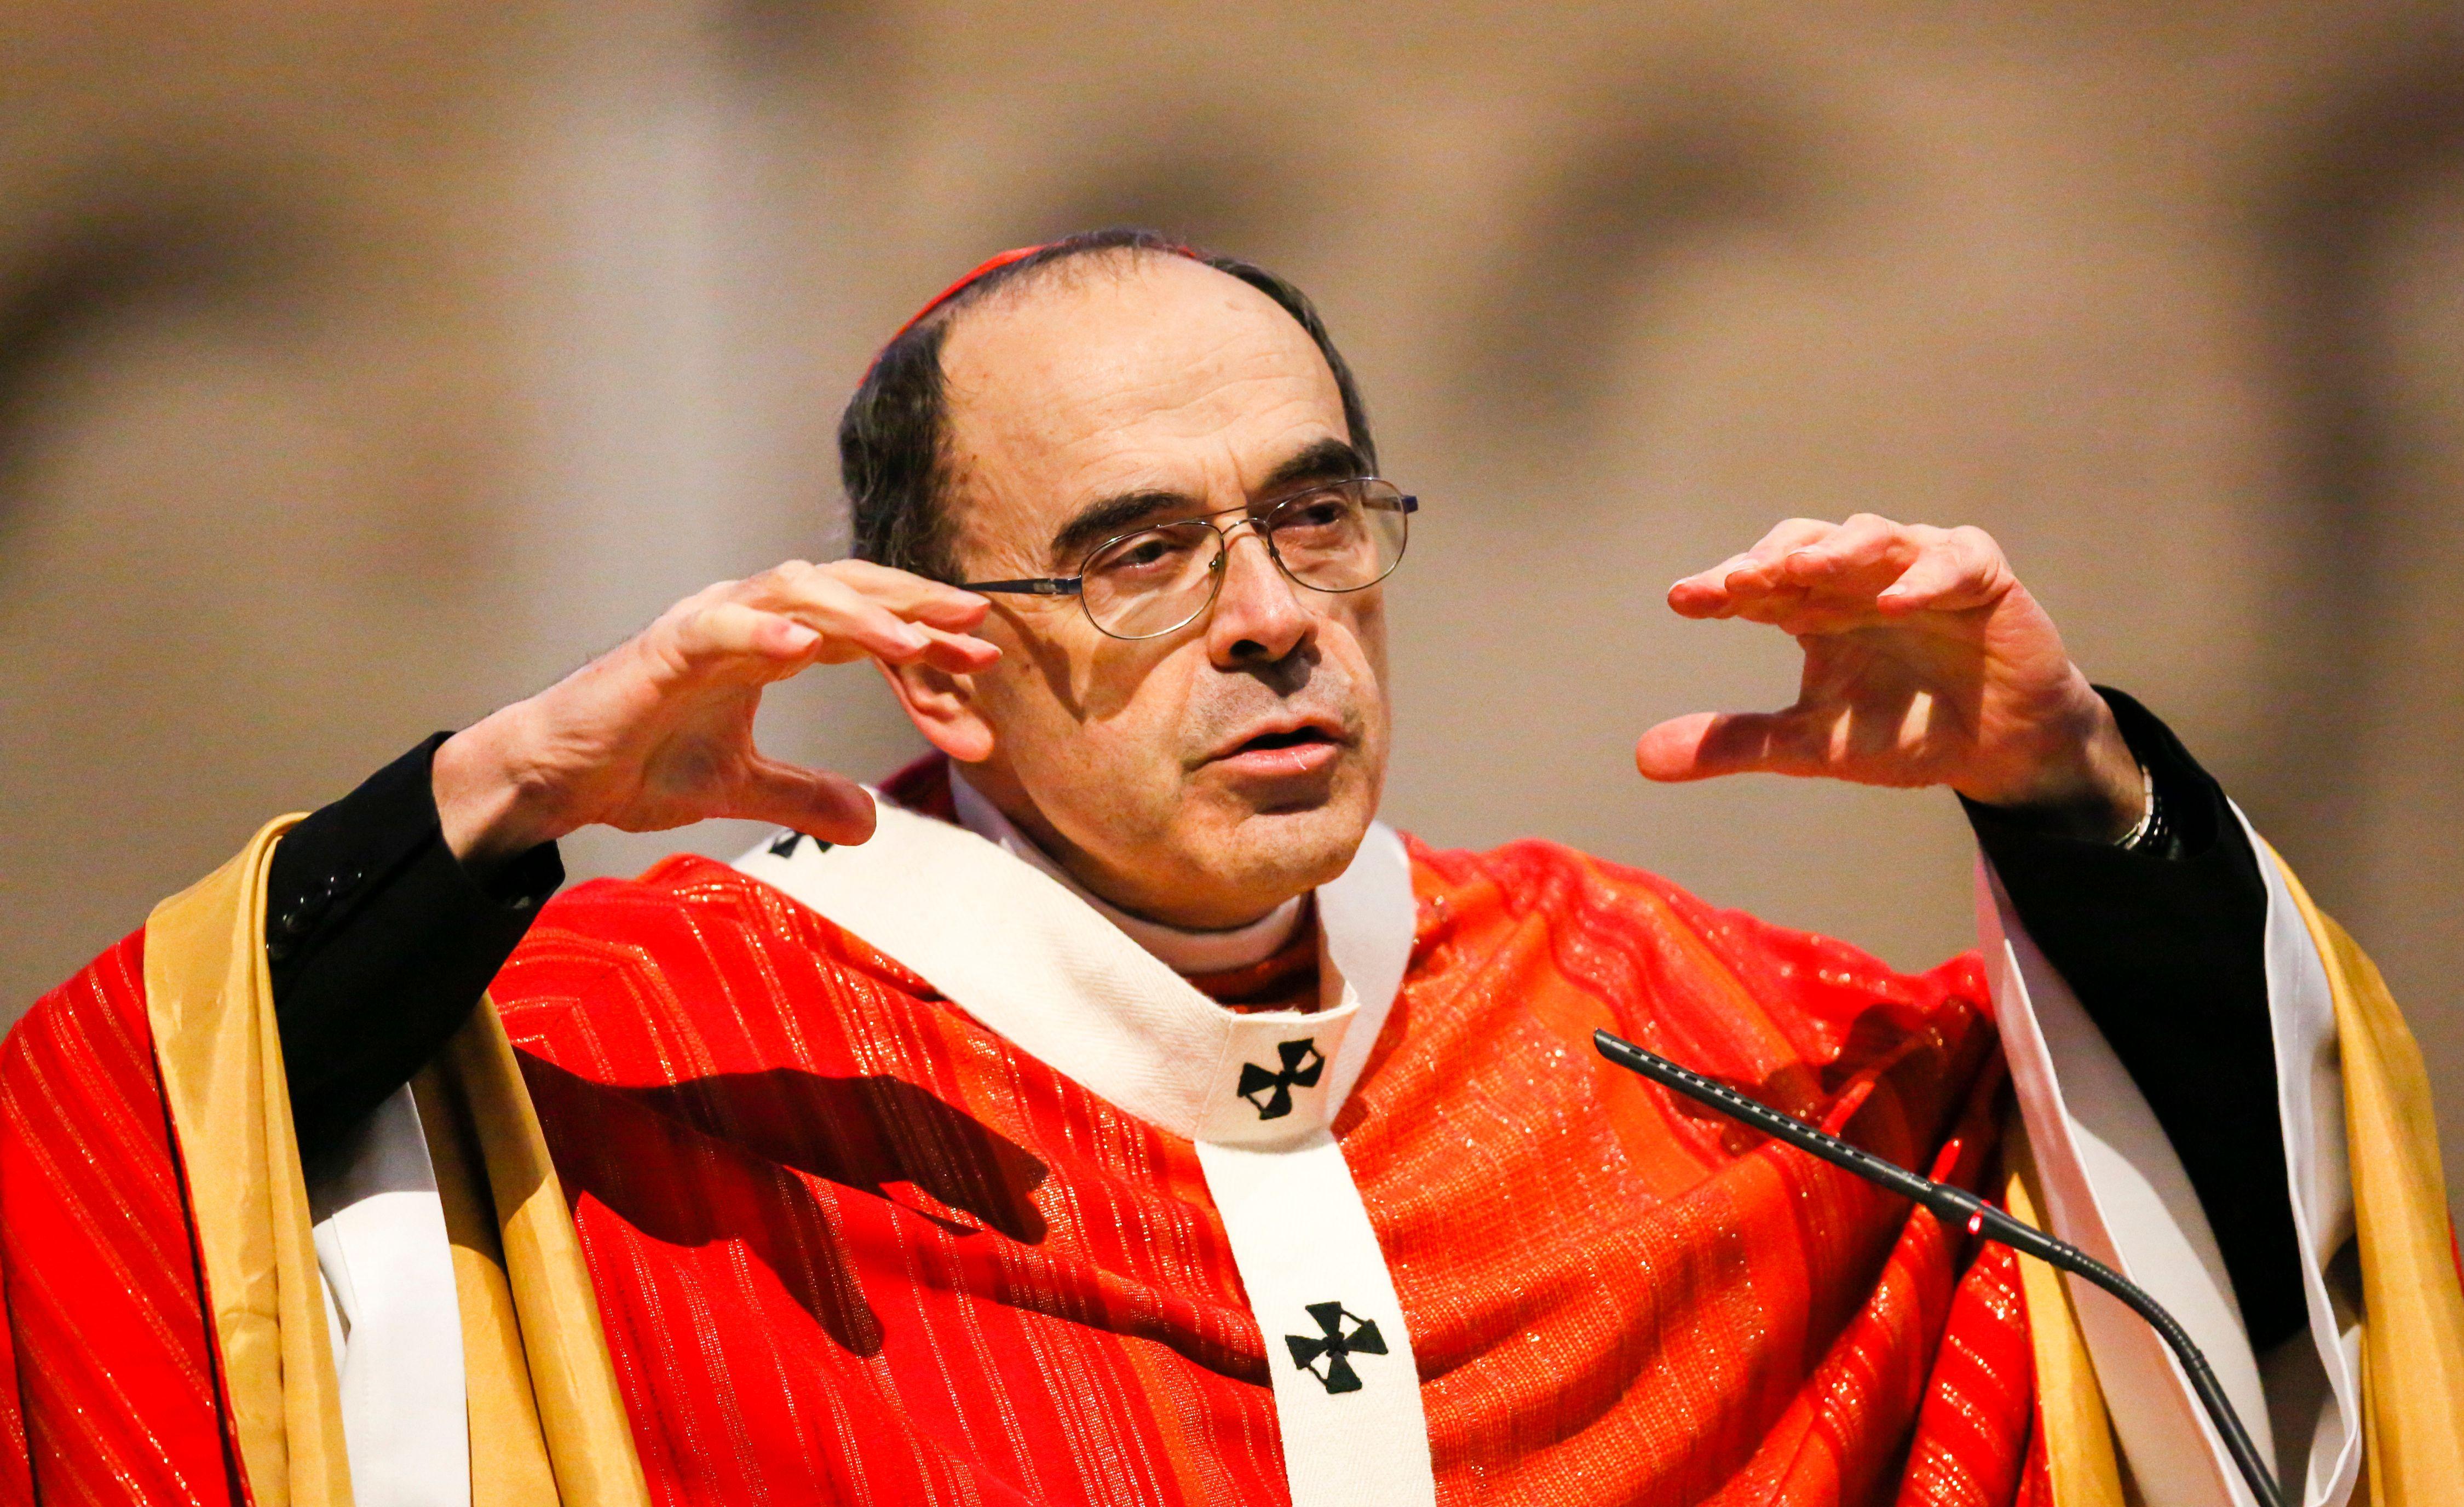 Église – abus sexuels : le cardinal Barbarin relève quatre prêtres lyonnais de leur ministère